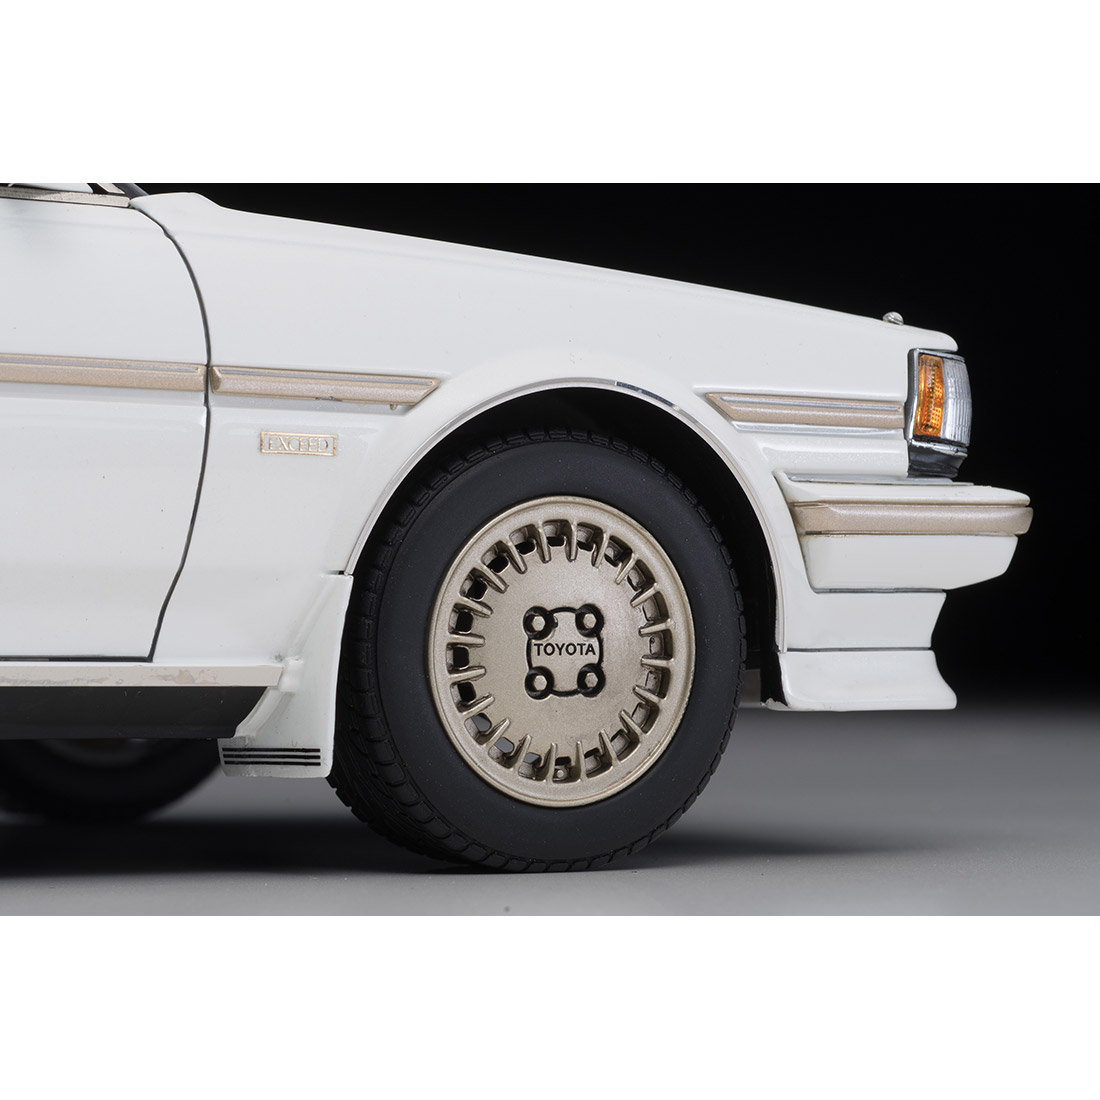 イグニッションモデル×トミーテック T-IG1809『クレスタ スーパールーセント エクシード(パールホワイト)』1/18 ミニカー-008